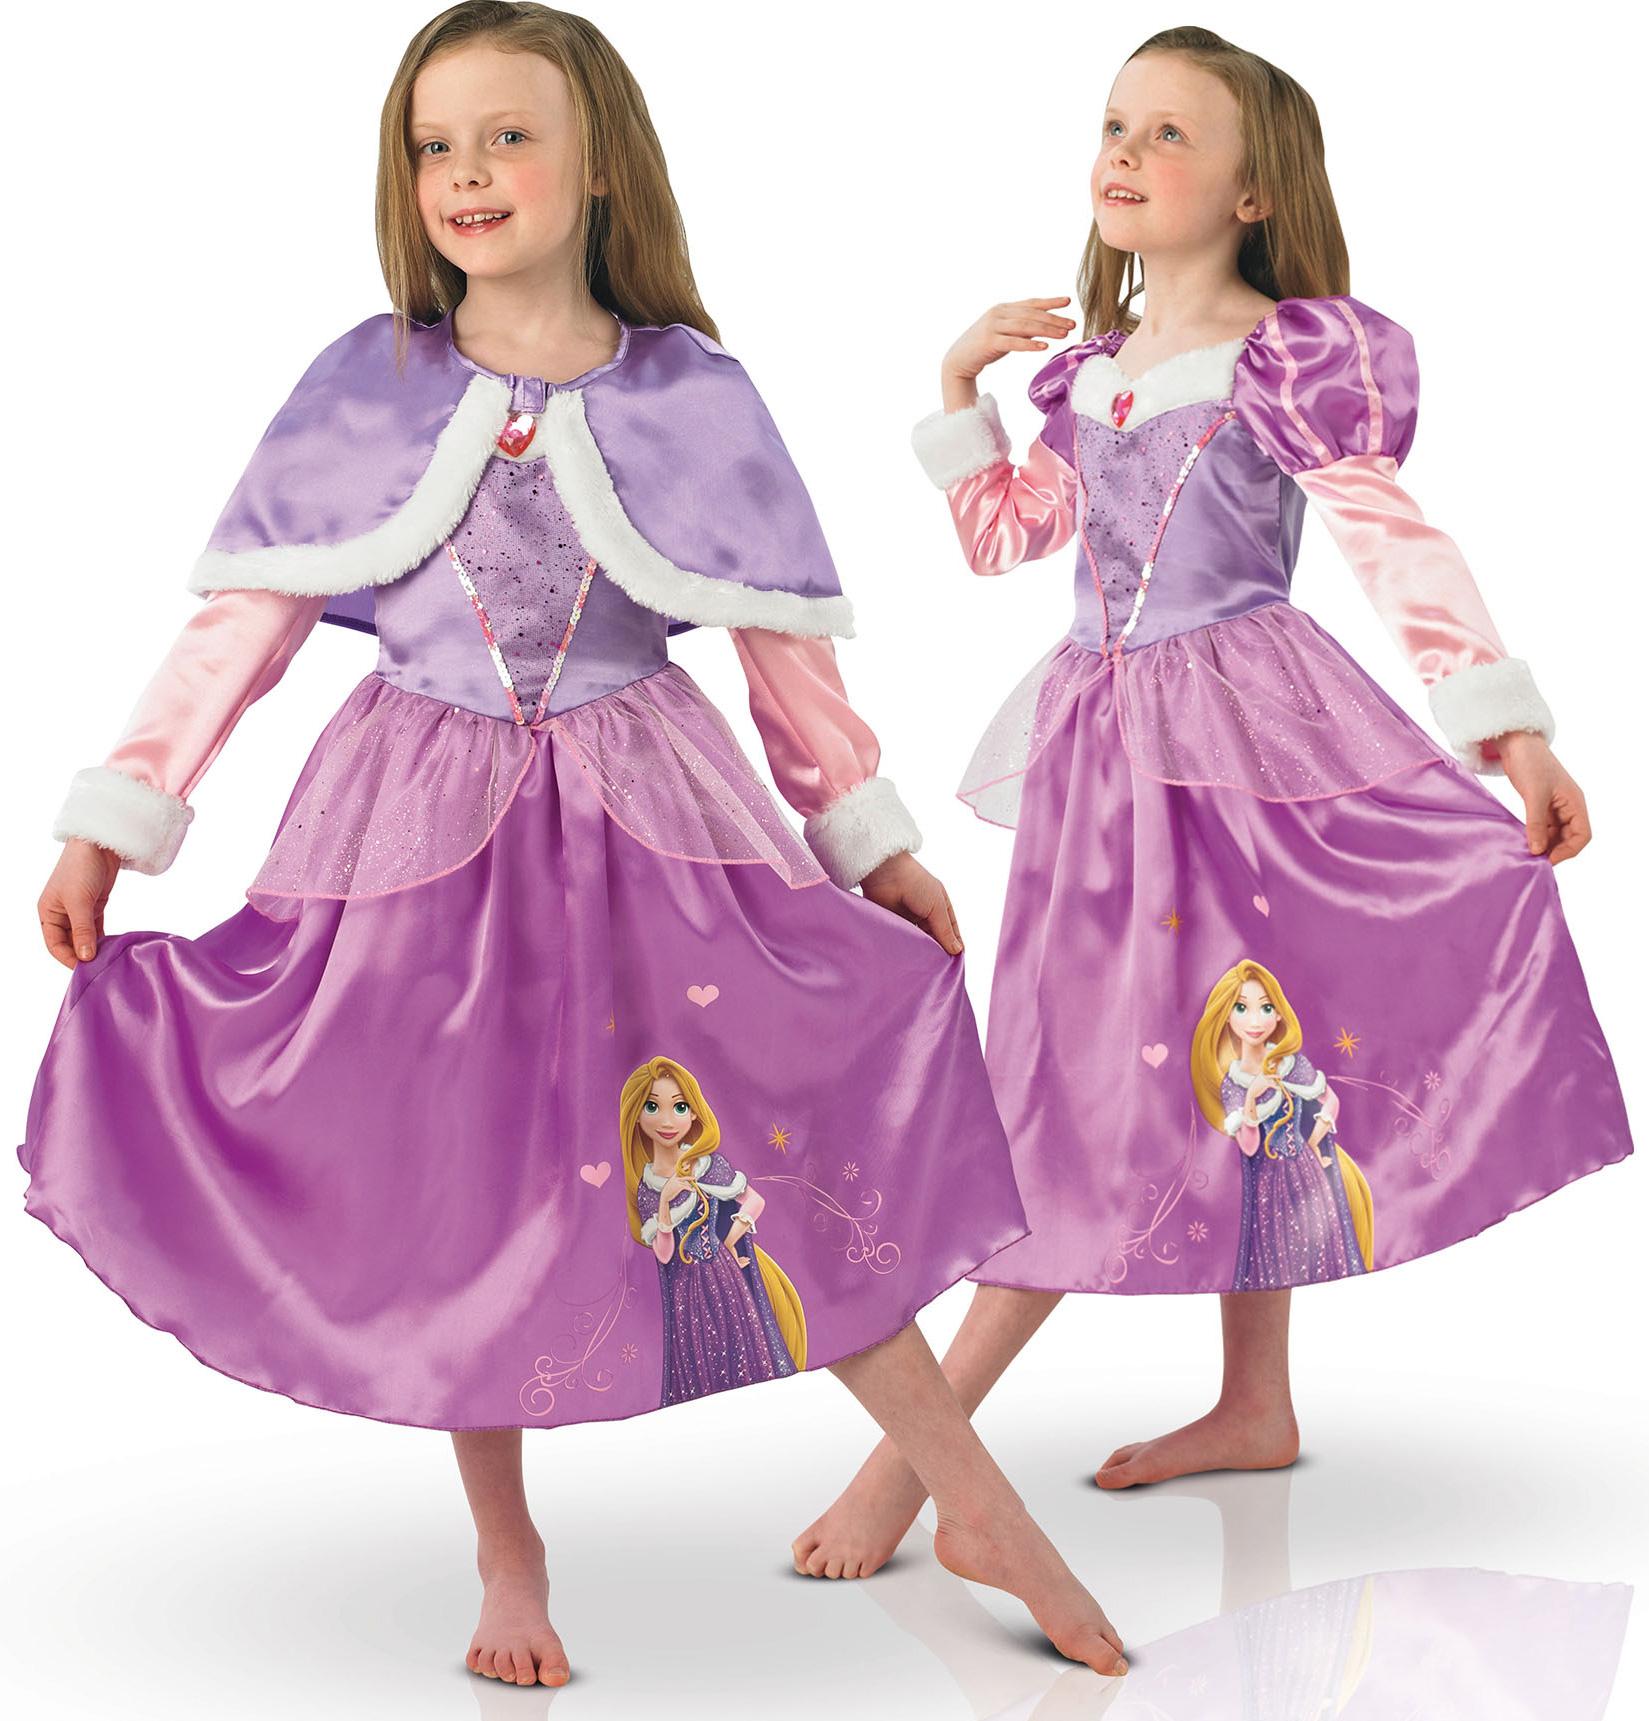 d guisement princesse raiponce luxe fille deguise toi achat de d guisements enfants. Black Bedroom Furniture Sets. Home Design Ideas